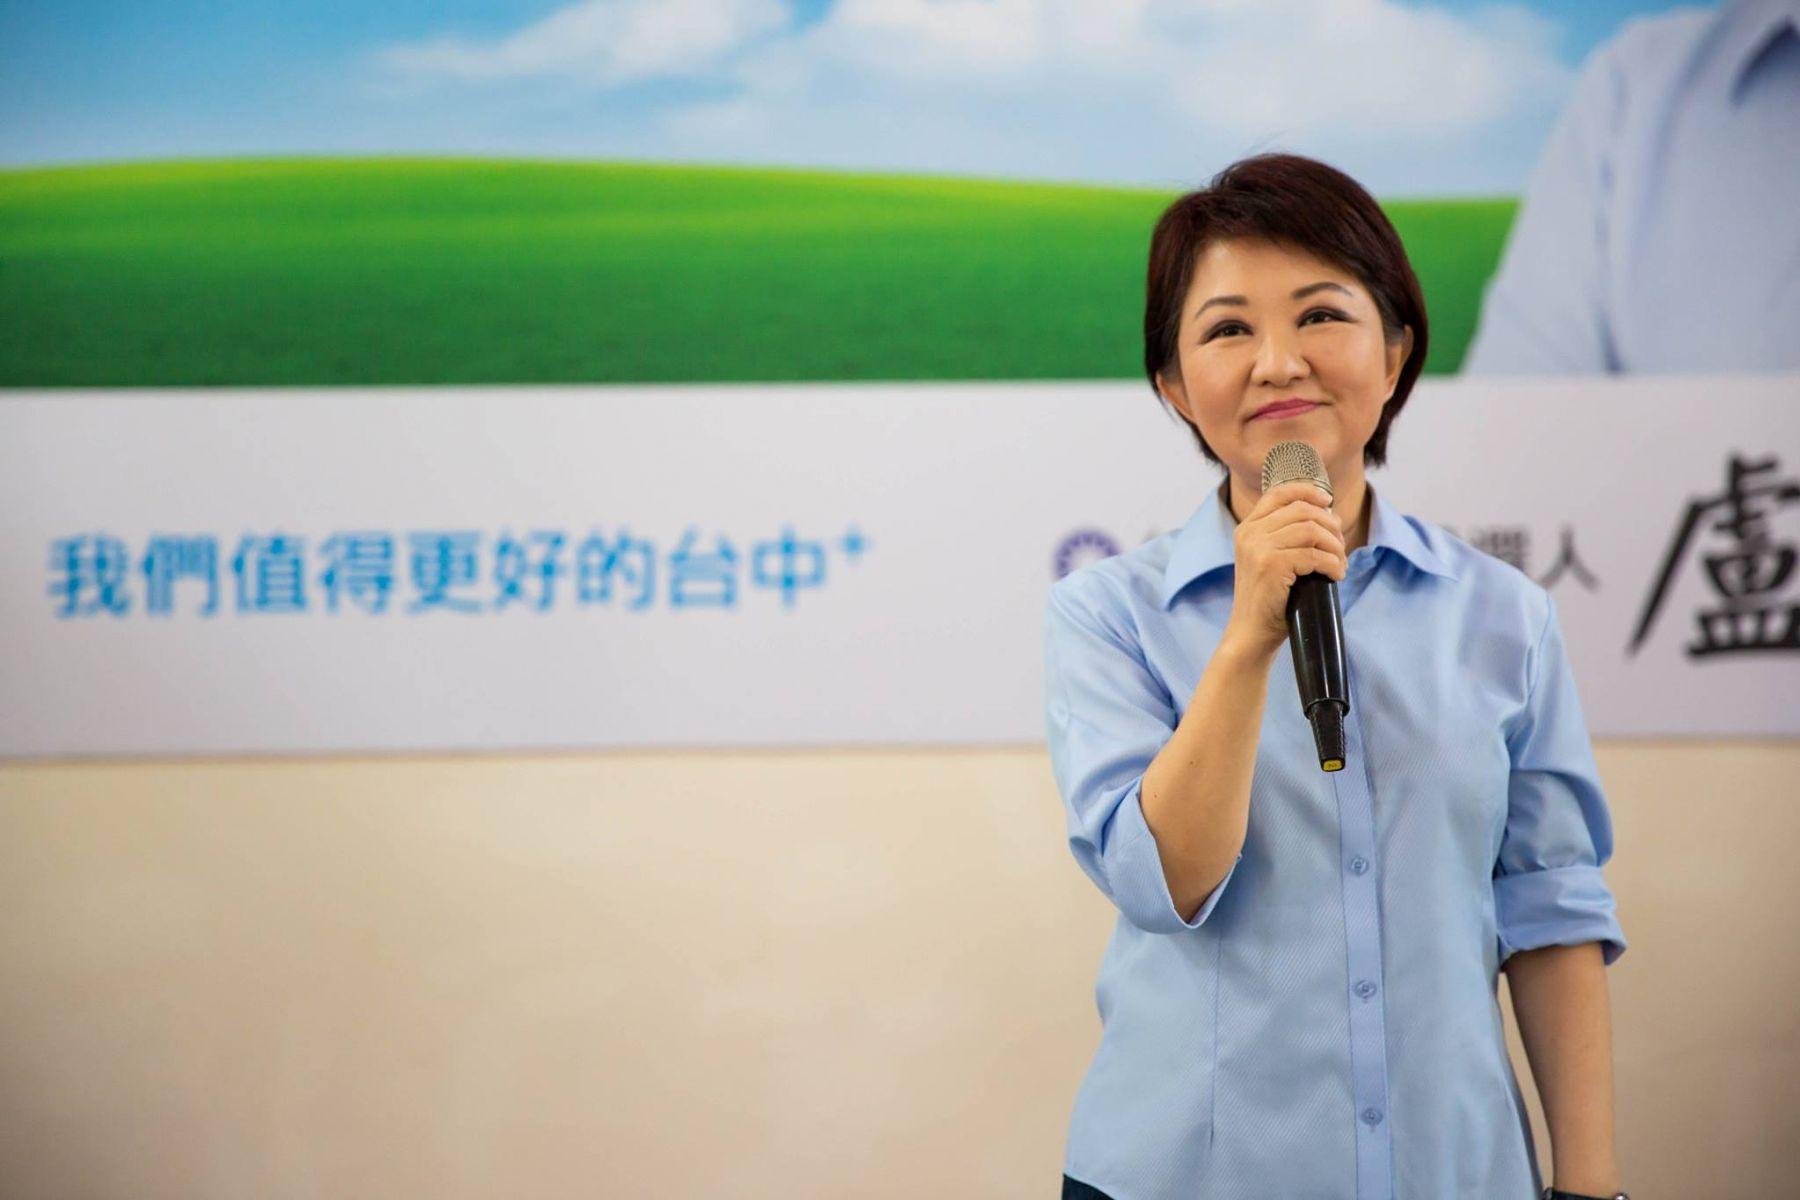 盧秀燕:明年元旦起 台中花博全國12歲以下兒童免費看